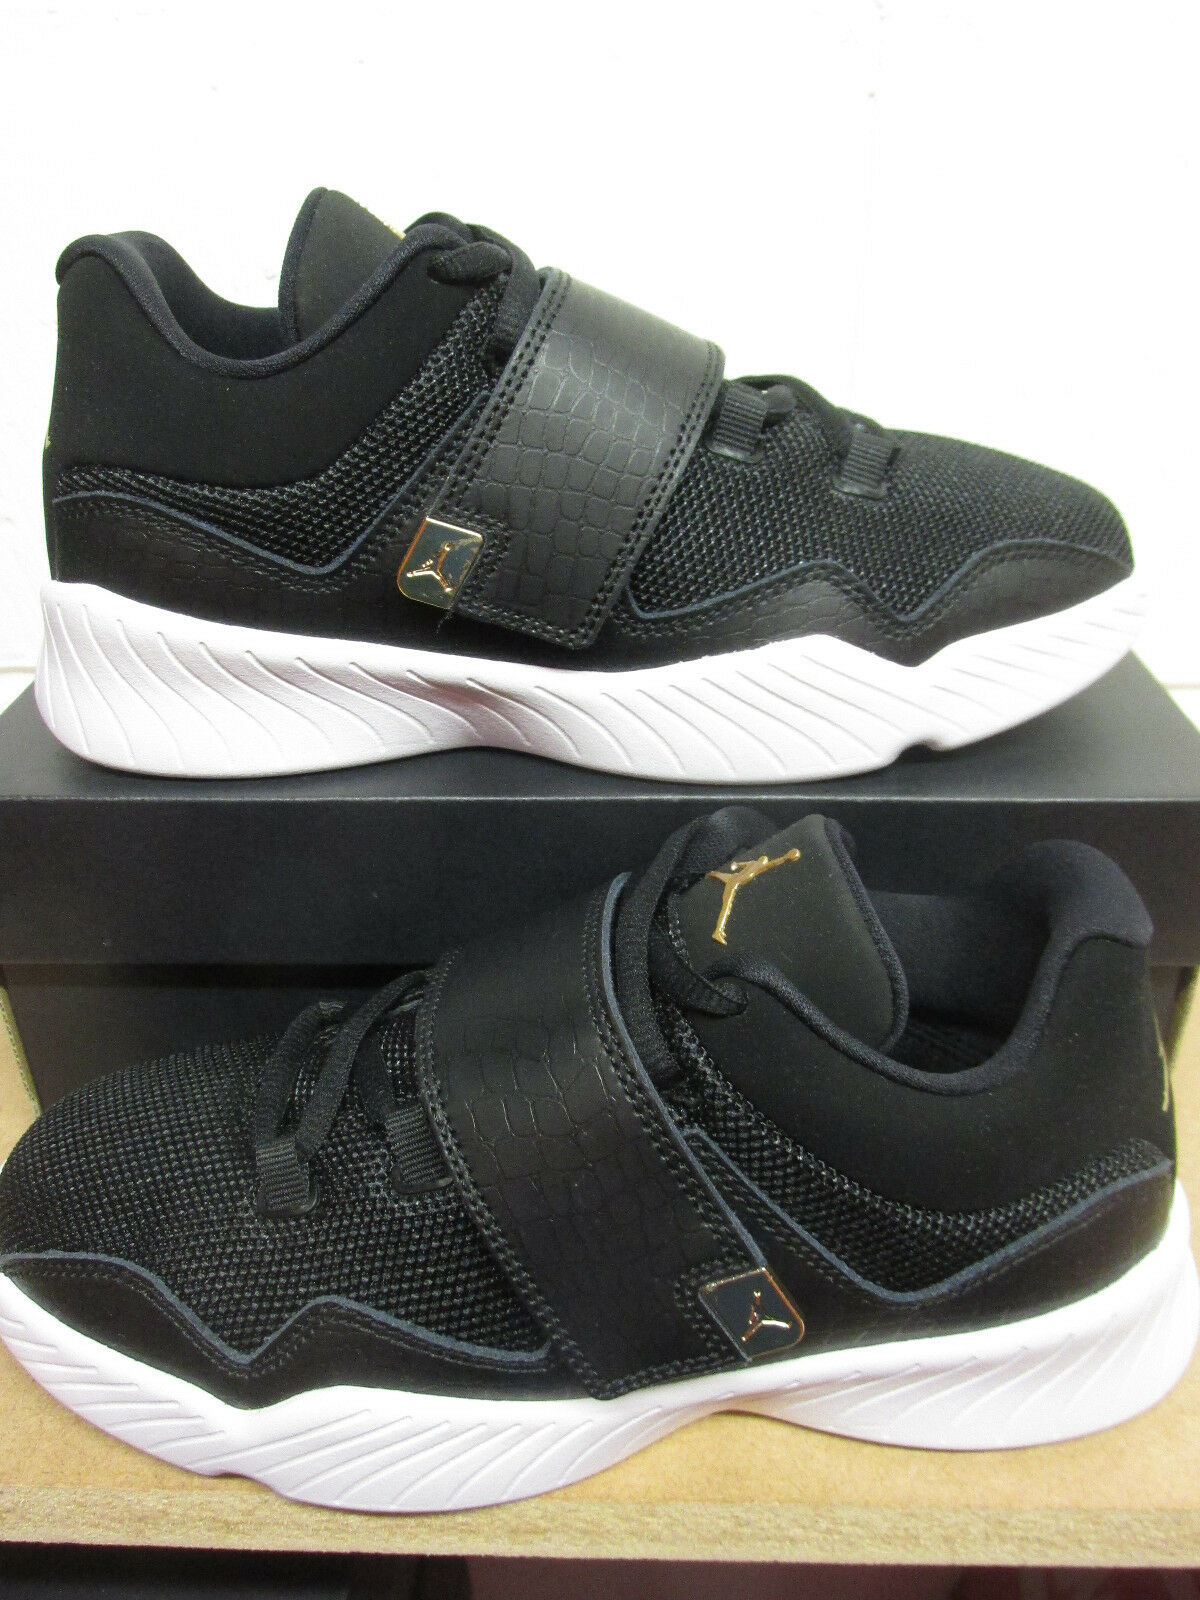 Nike Air Jordan J23 Bg Scarpe da Basket 854558 004 Scarpe da Tennis